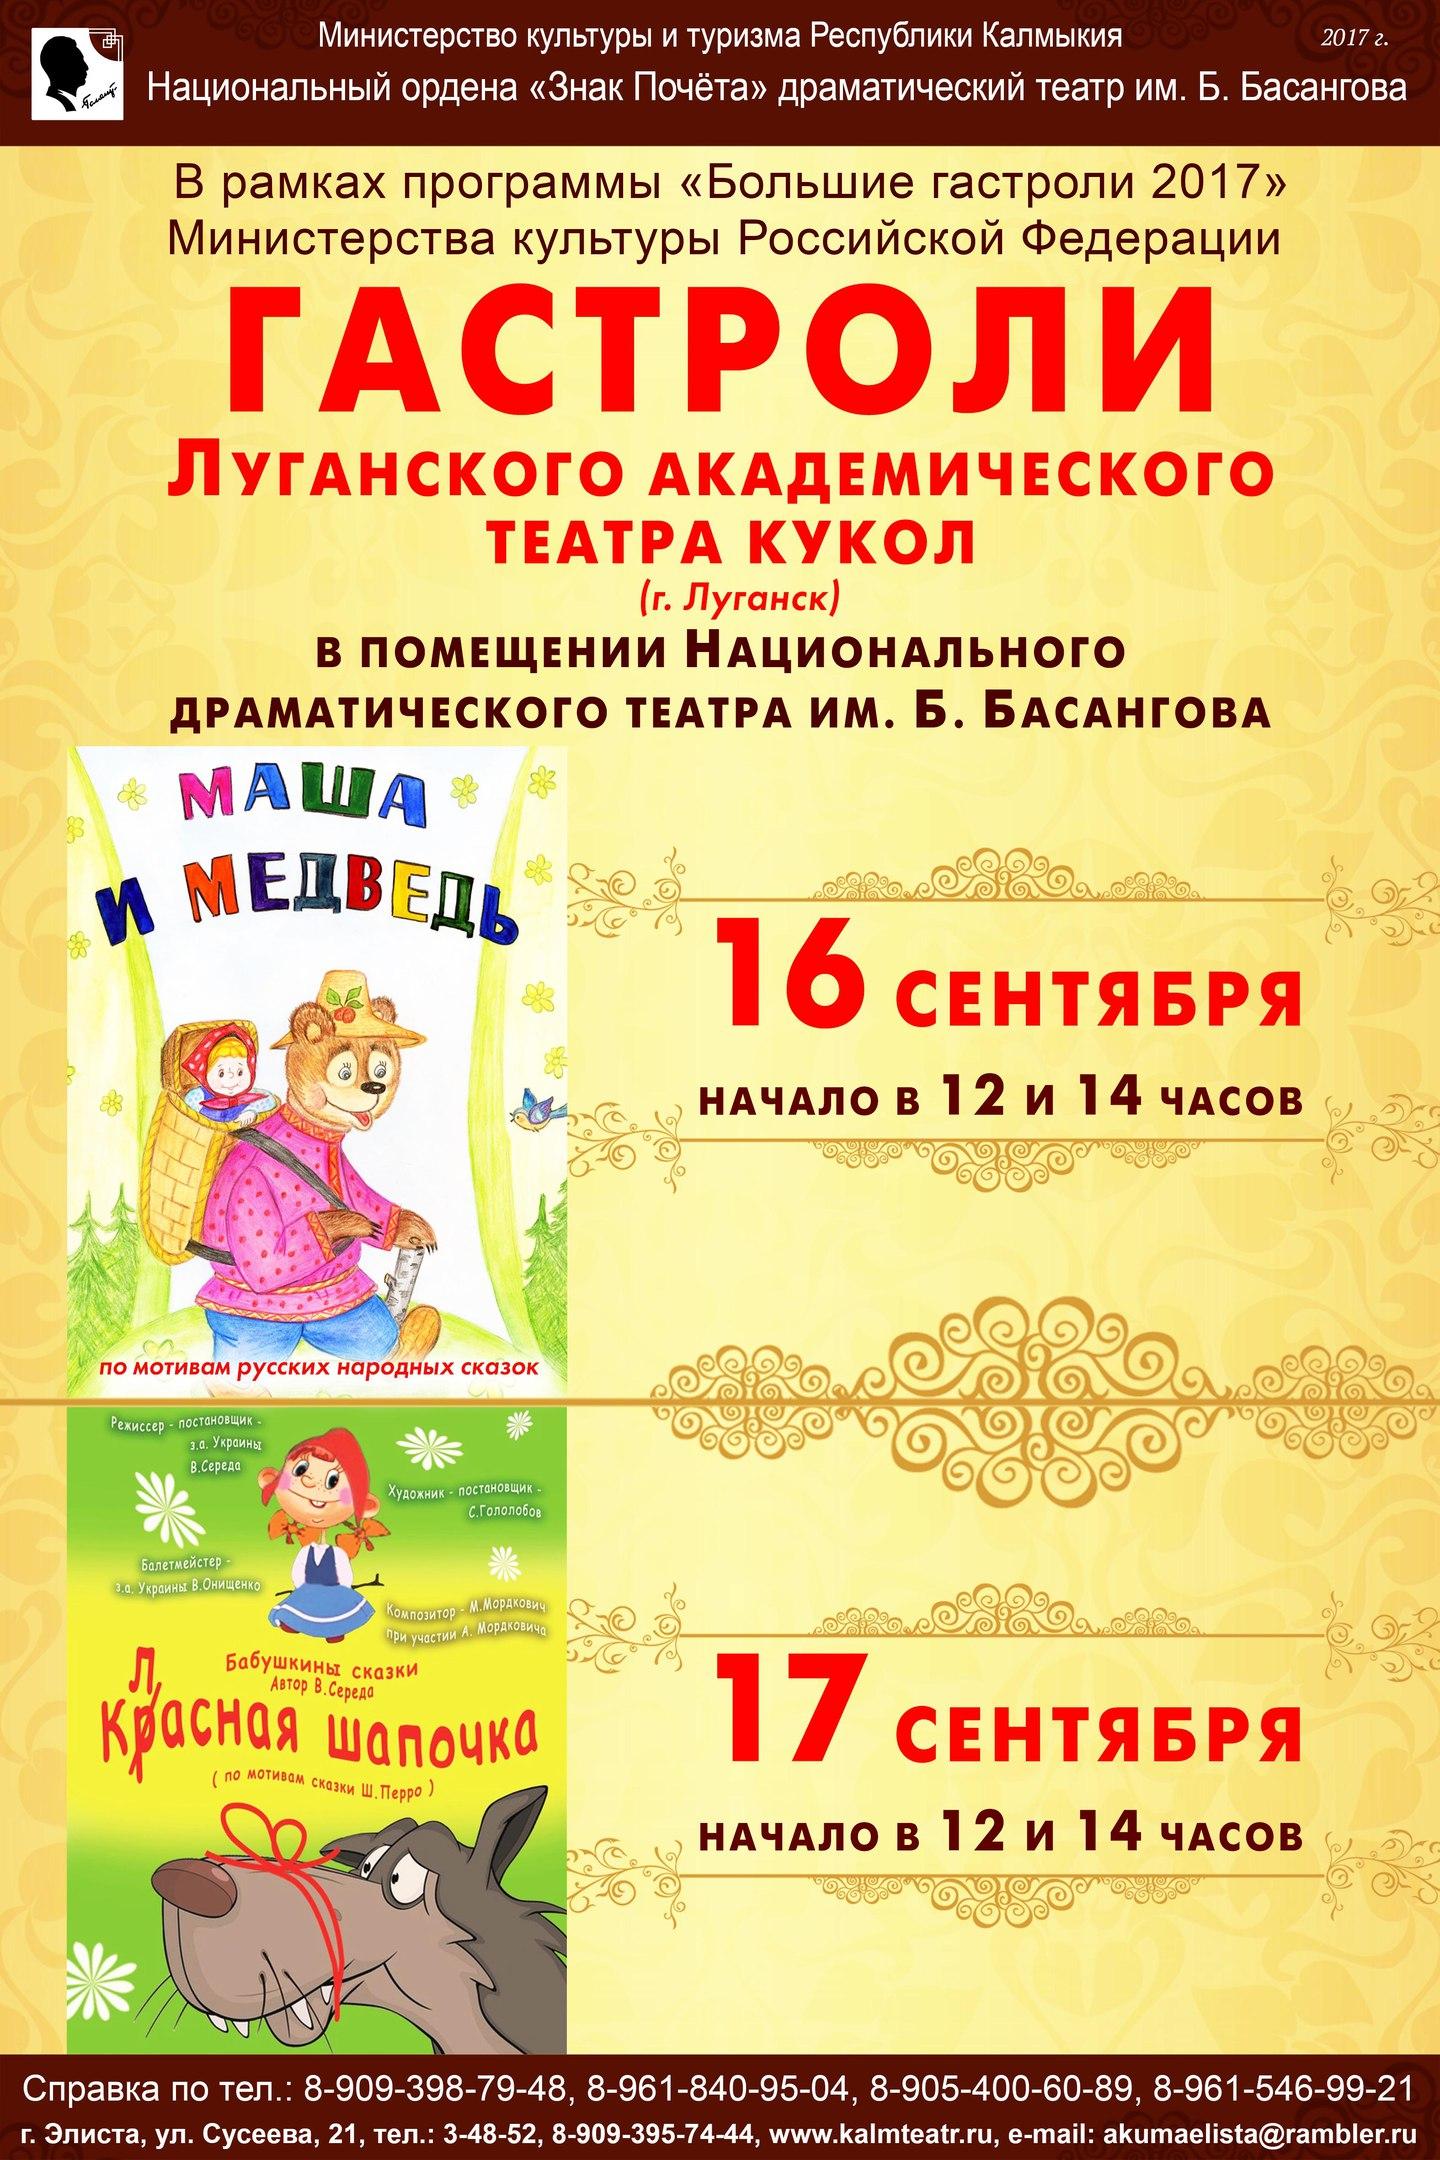 Луганский академический театр кукол в Элисте